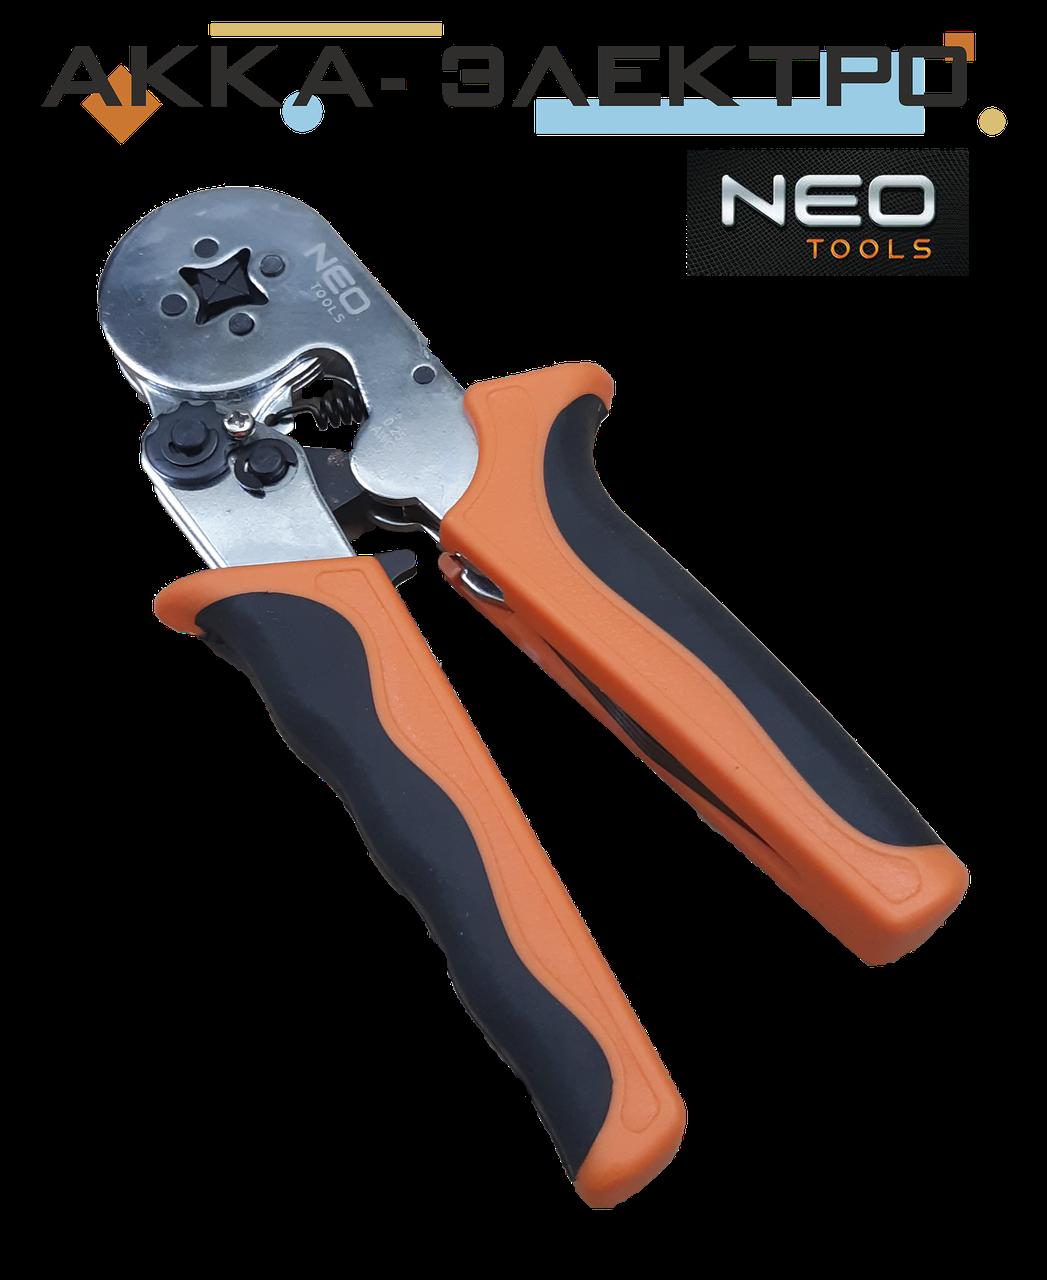 Пресс инструмент для обжима наконечников кабелей 0,25-6мм (квадрат) NEO 01-507